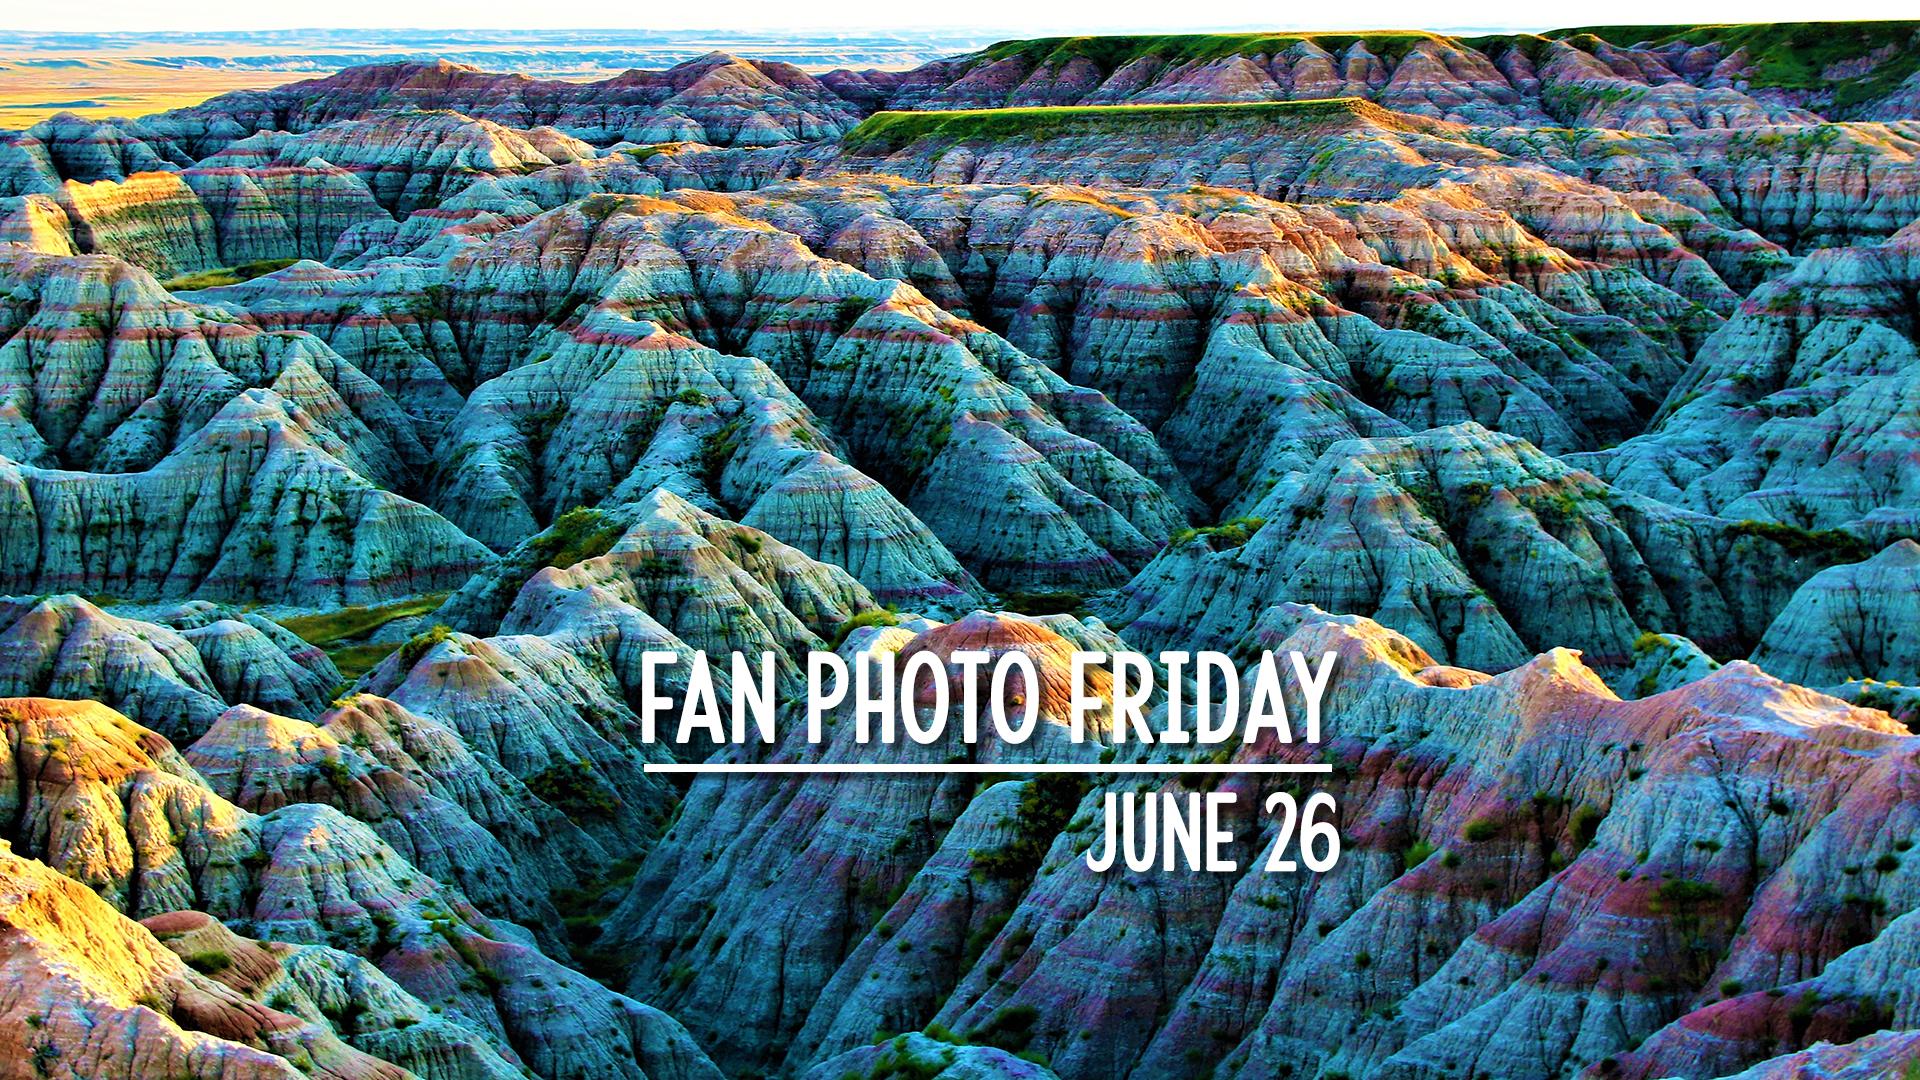 Fan Photo Friday | June 26, 2020